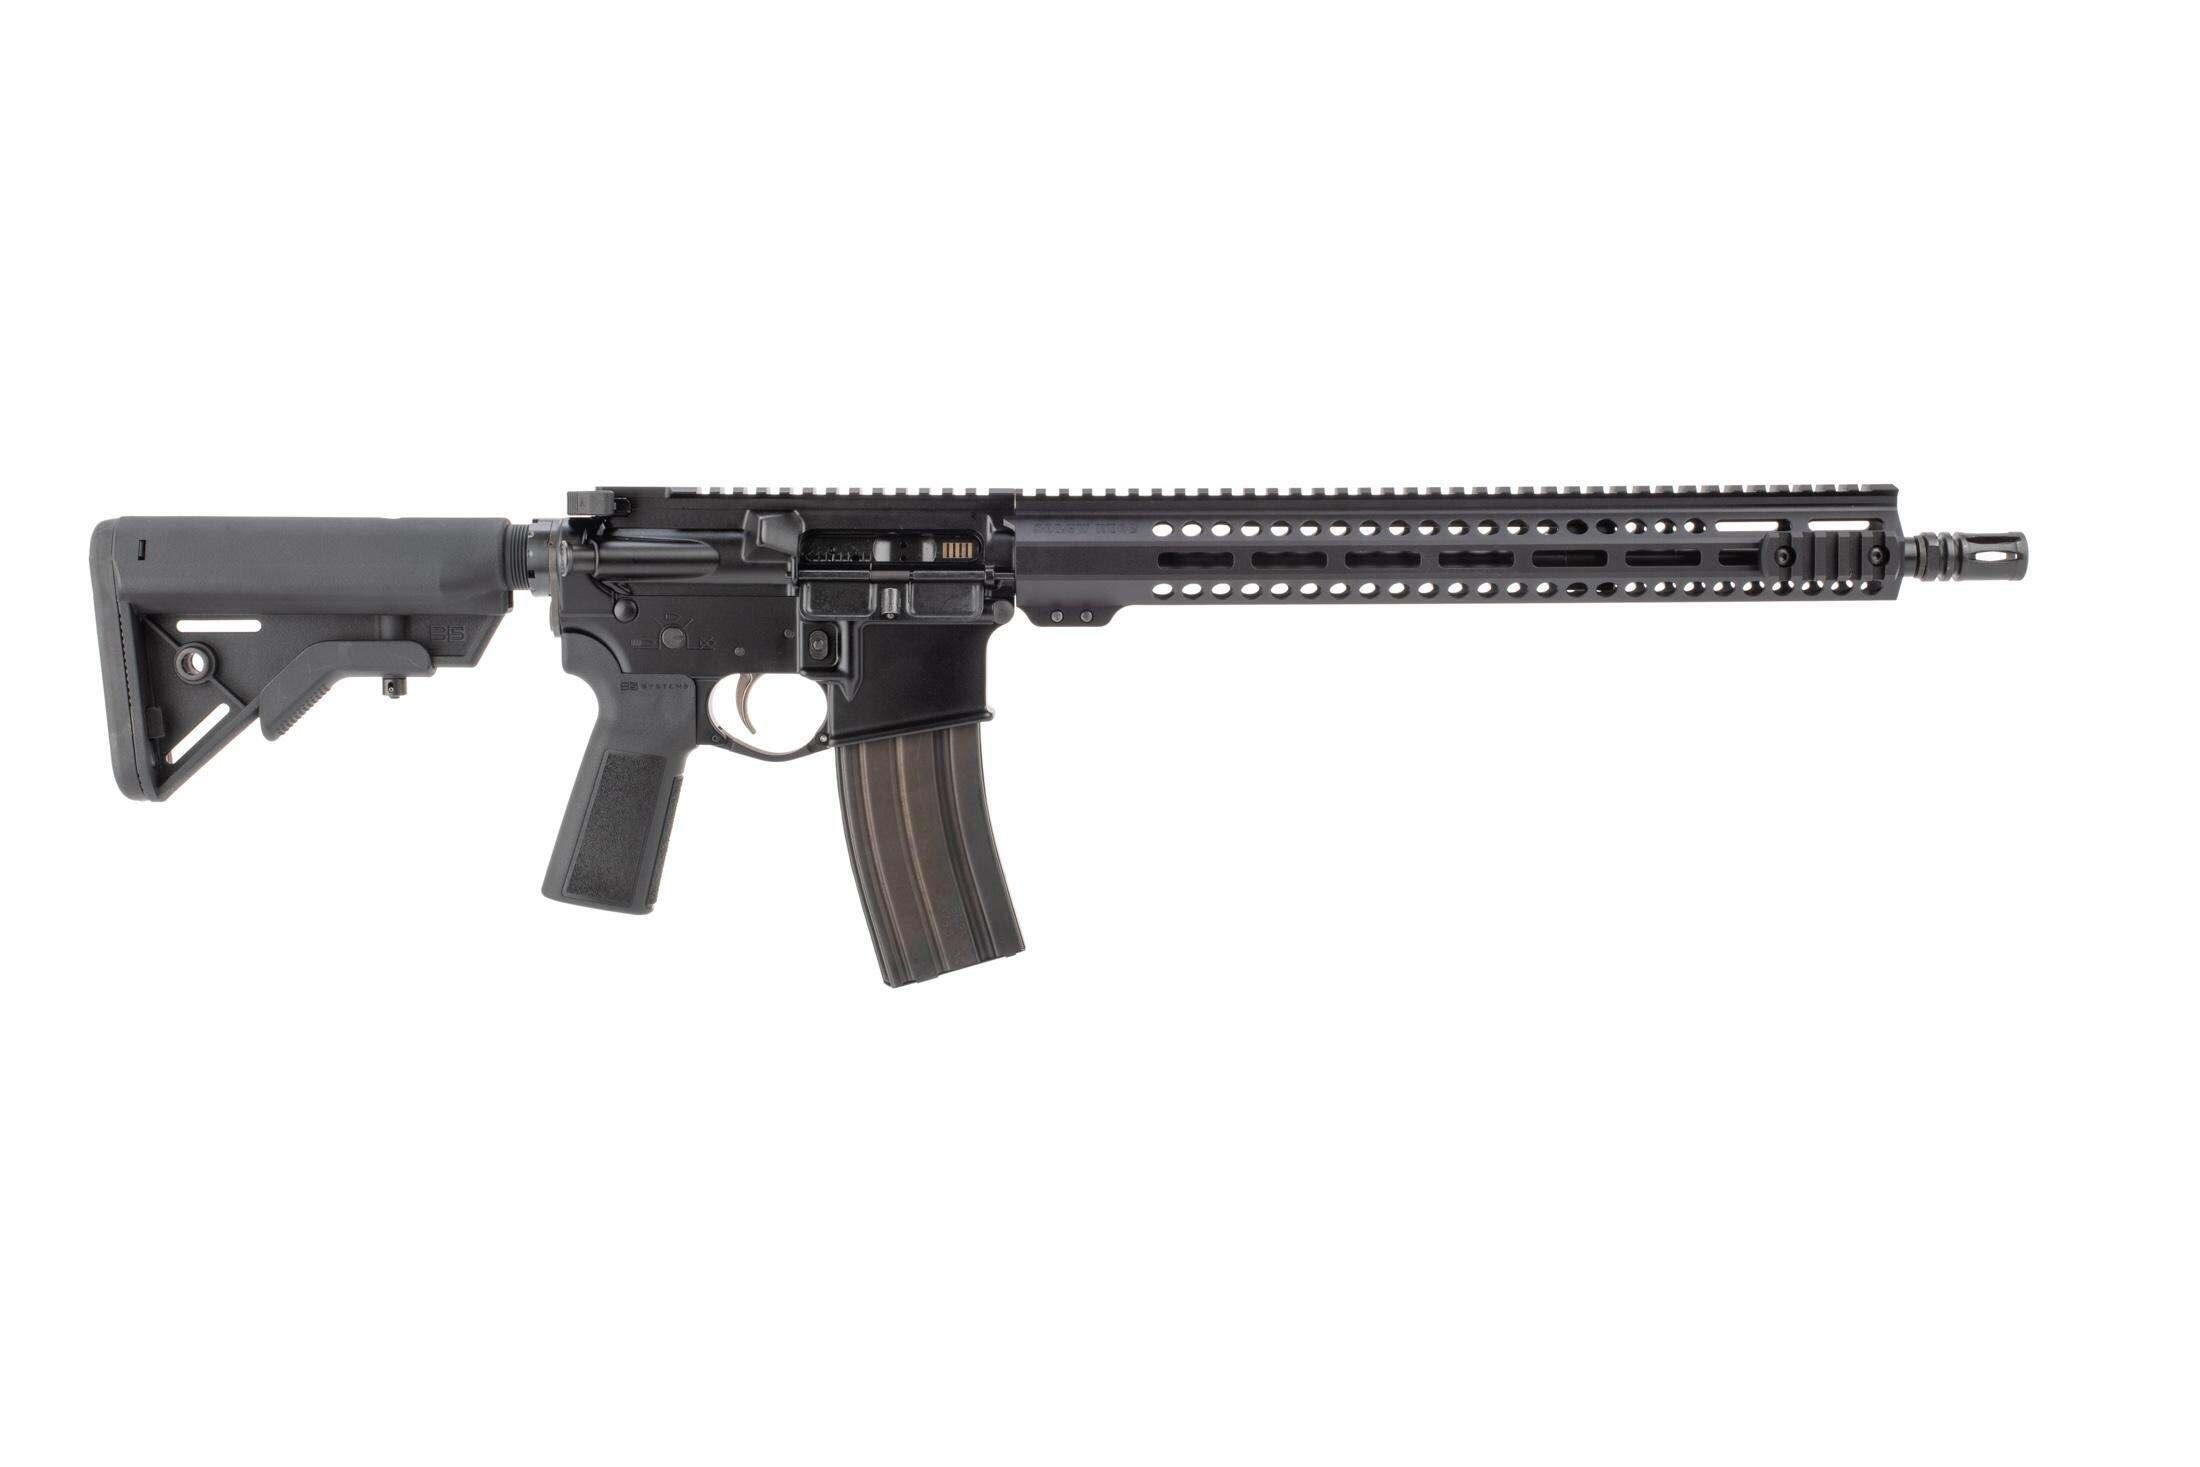 solgw rifle